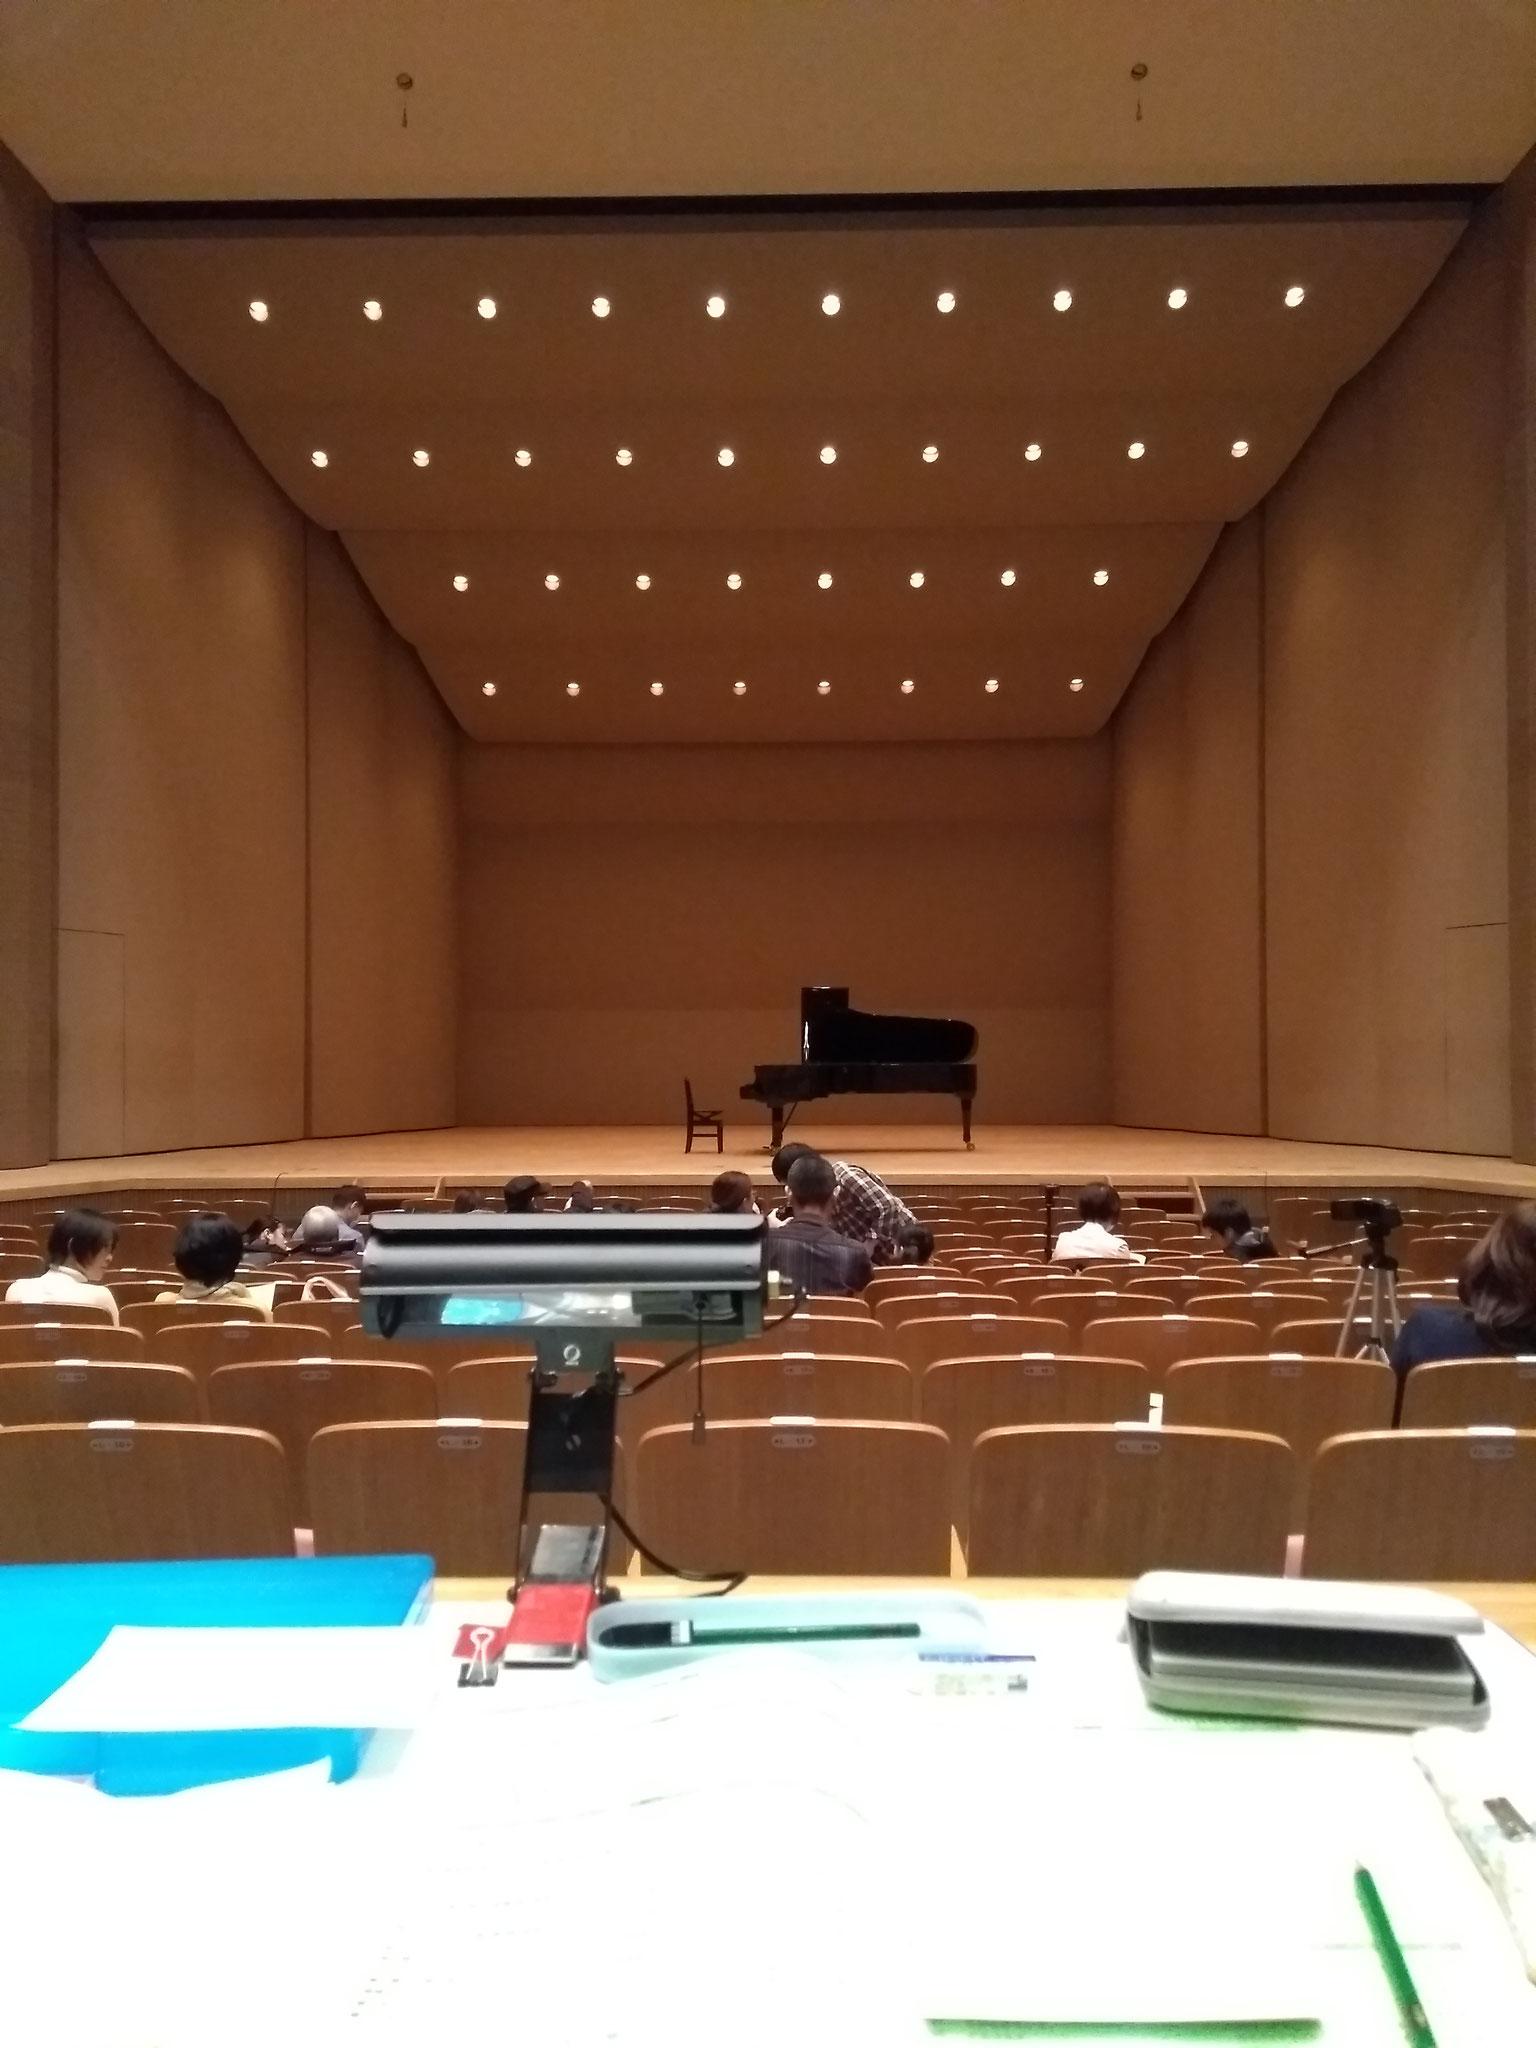 ヤマハジュニアピアノコンクールの審査で、70名の若きピアニストの熱演を聴かせていただきました。レベルの高さに圧倒されました!(滋賀・わたむきホール2019年12月)